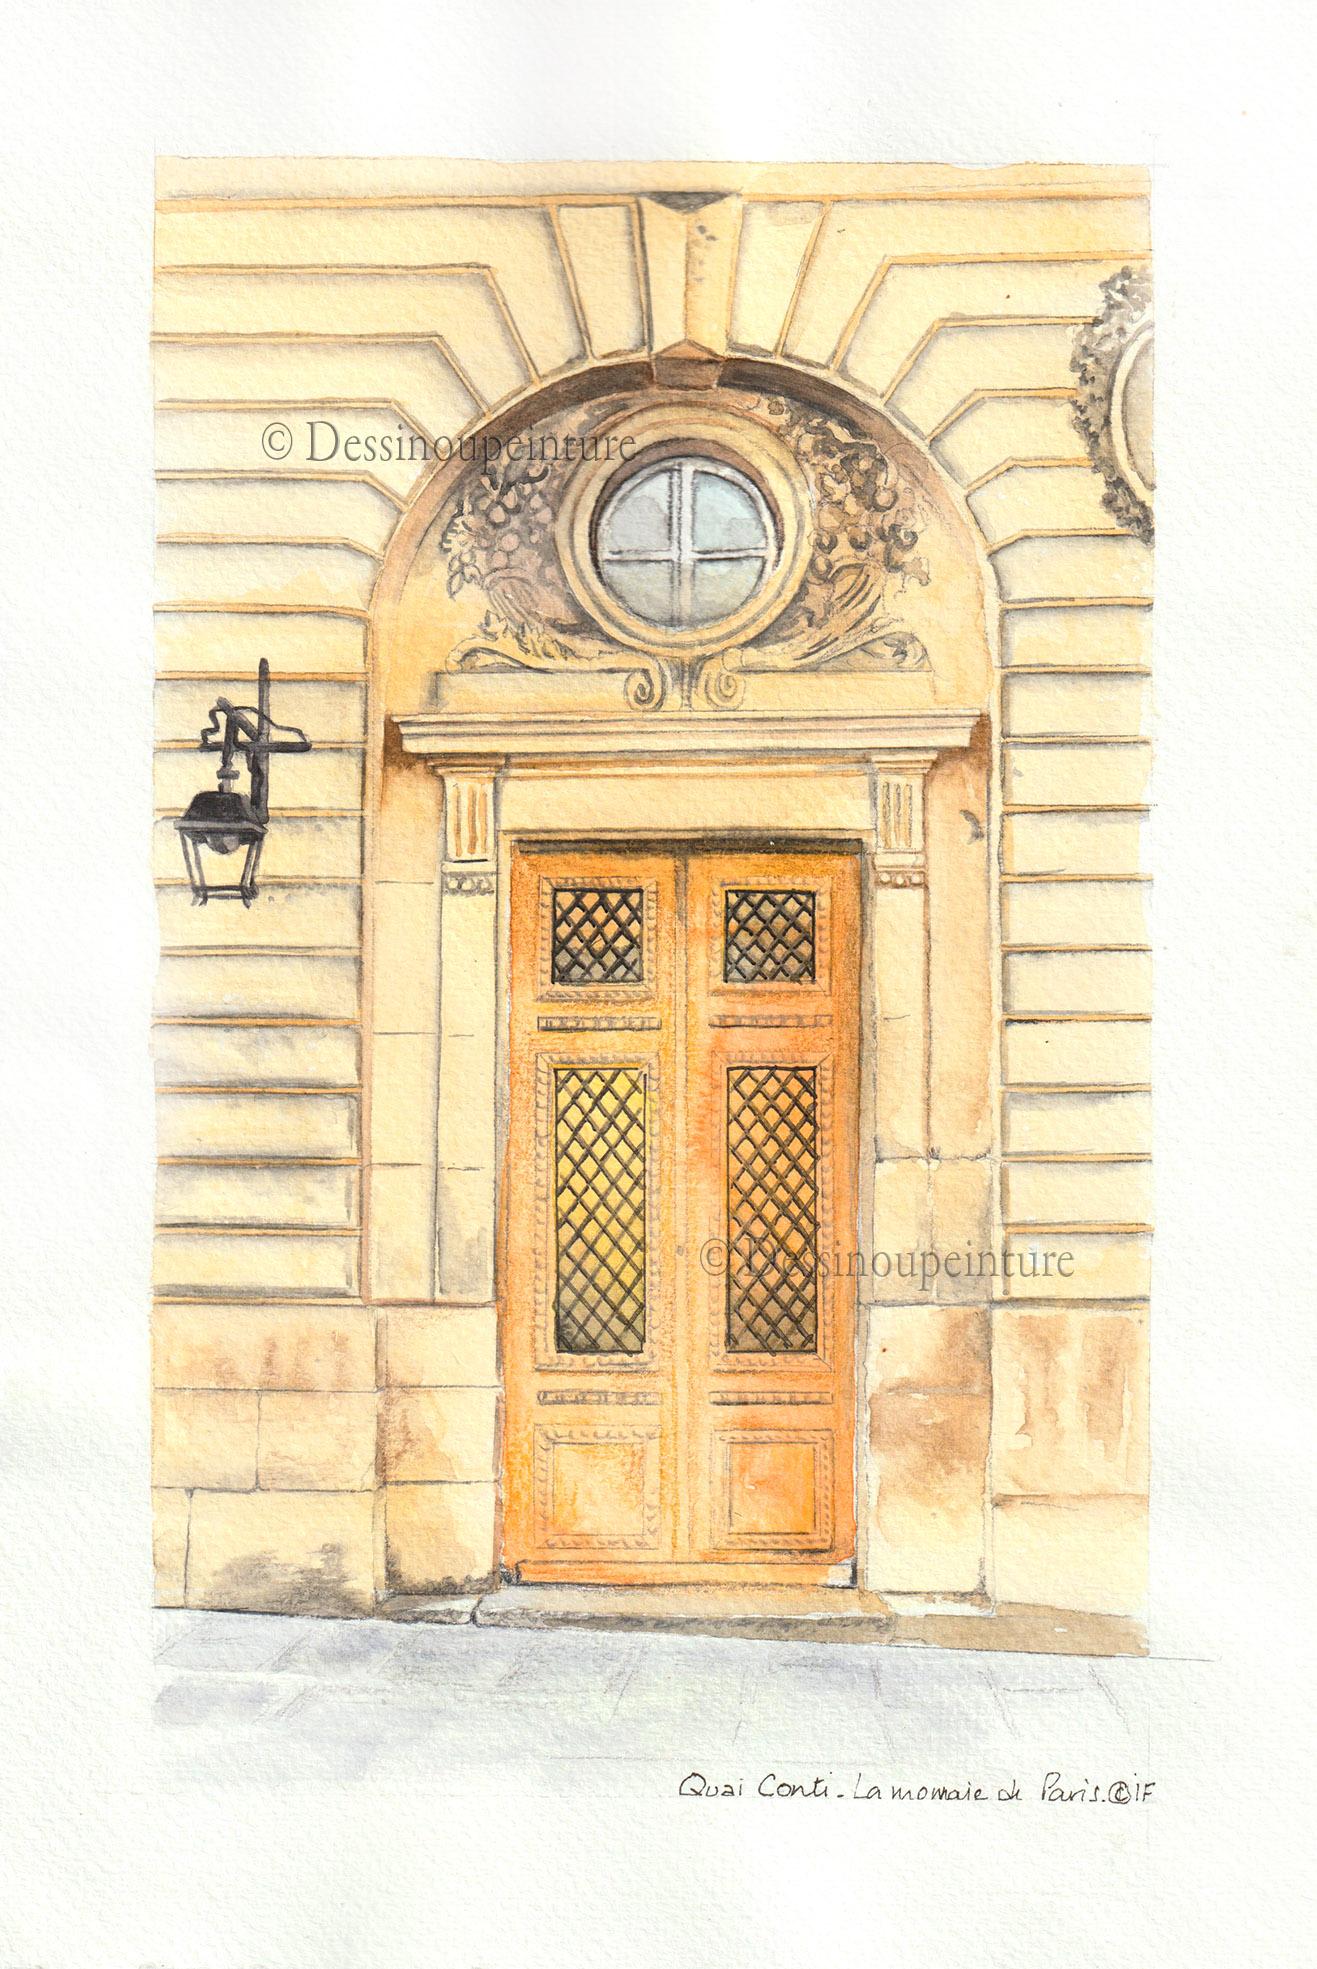 dessin à l'aquarelle d'une porte cochère à Paris